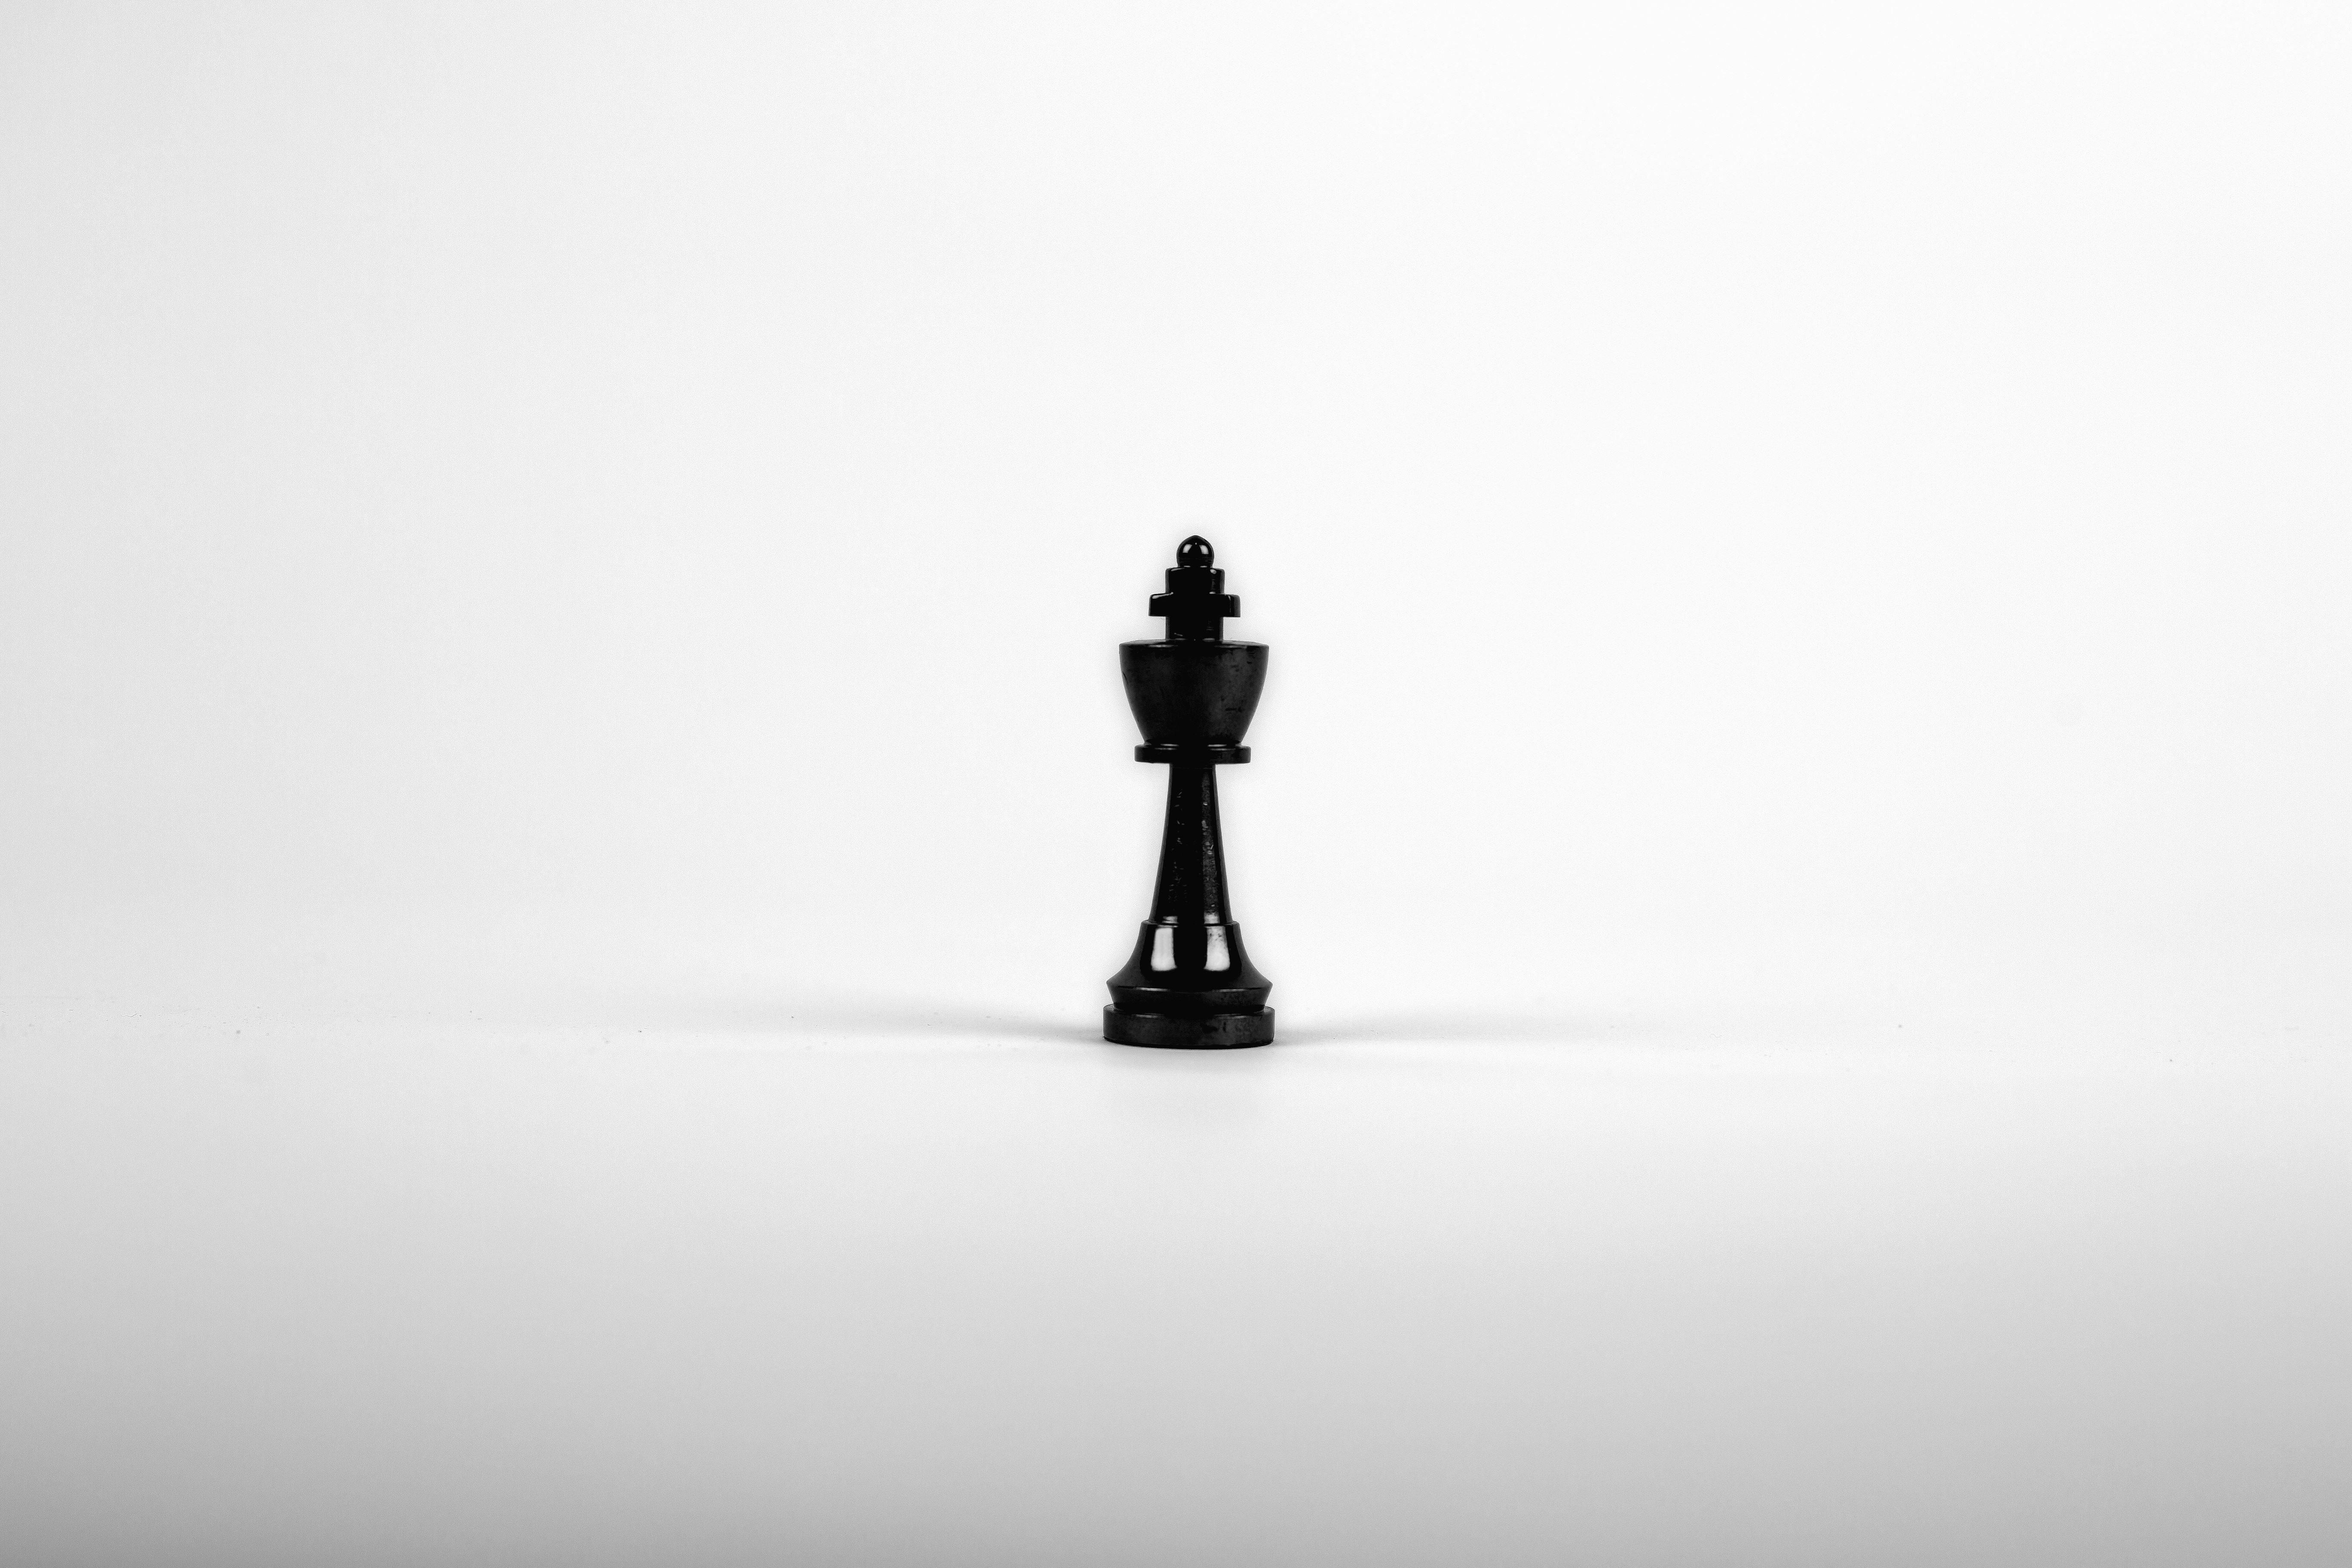 Foto gratis Re scacchi gioco scacchiera strategia